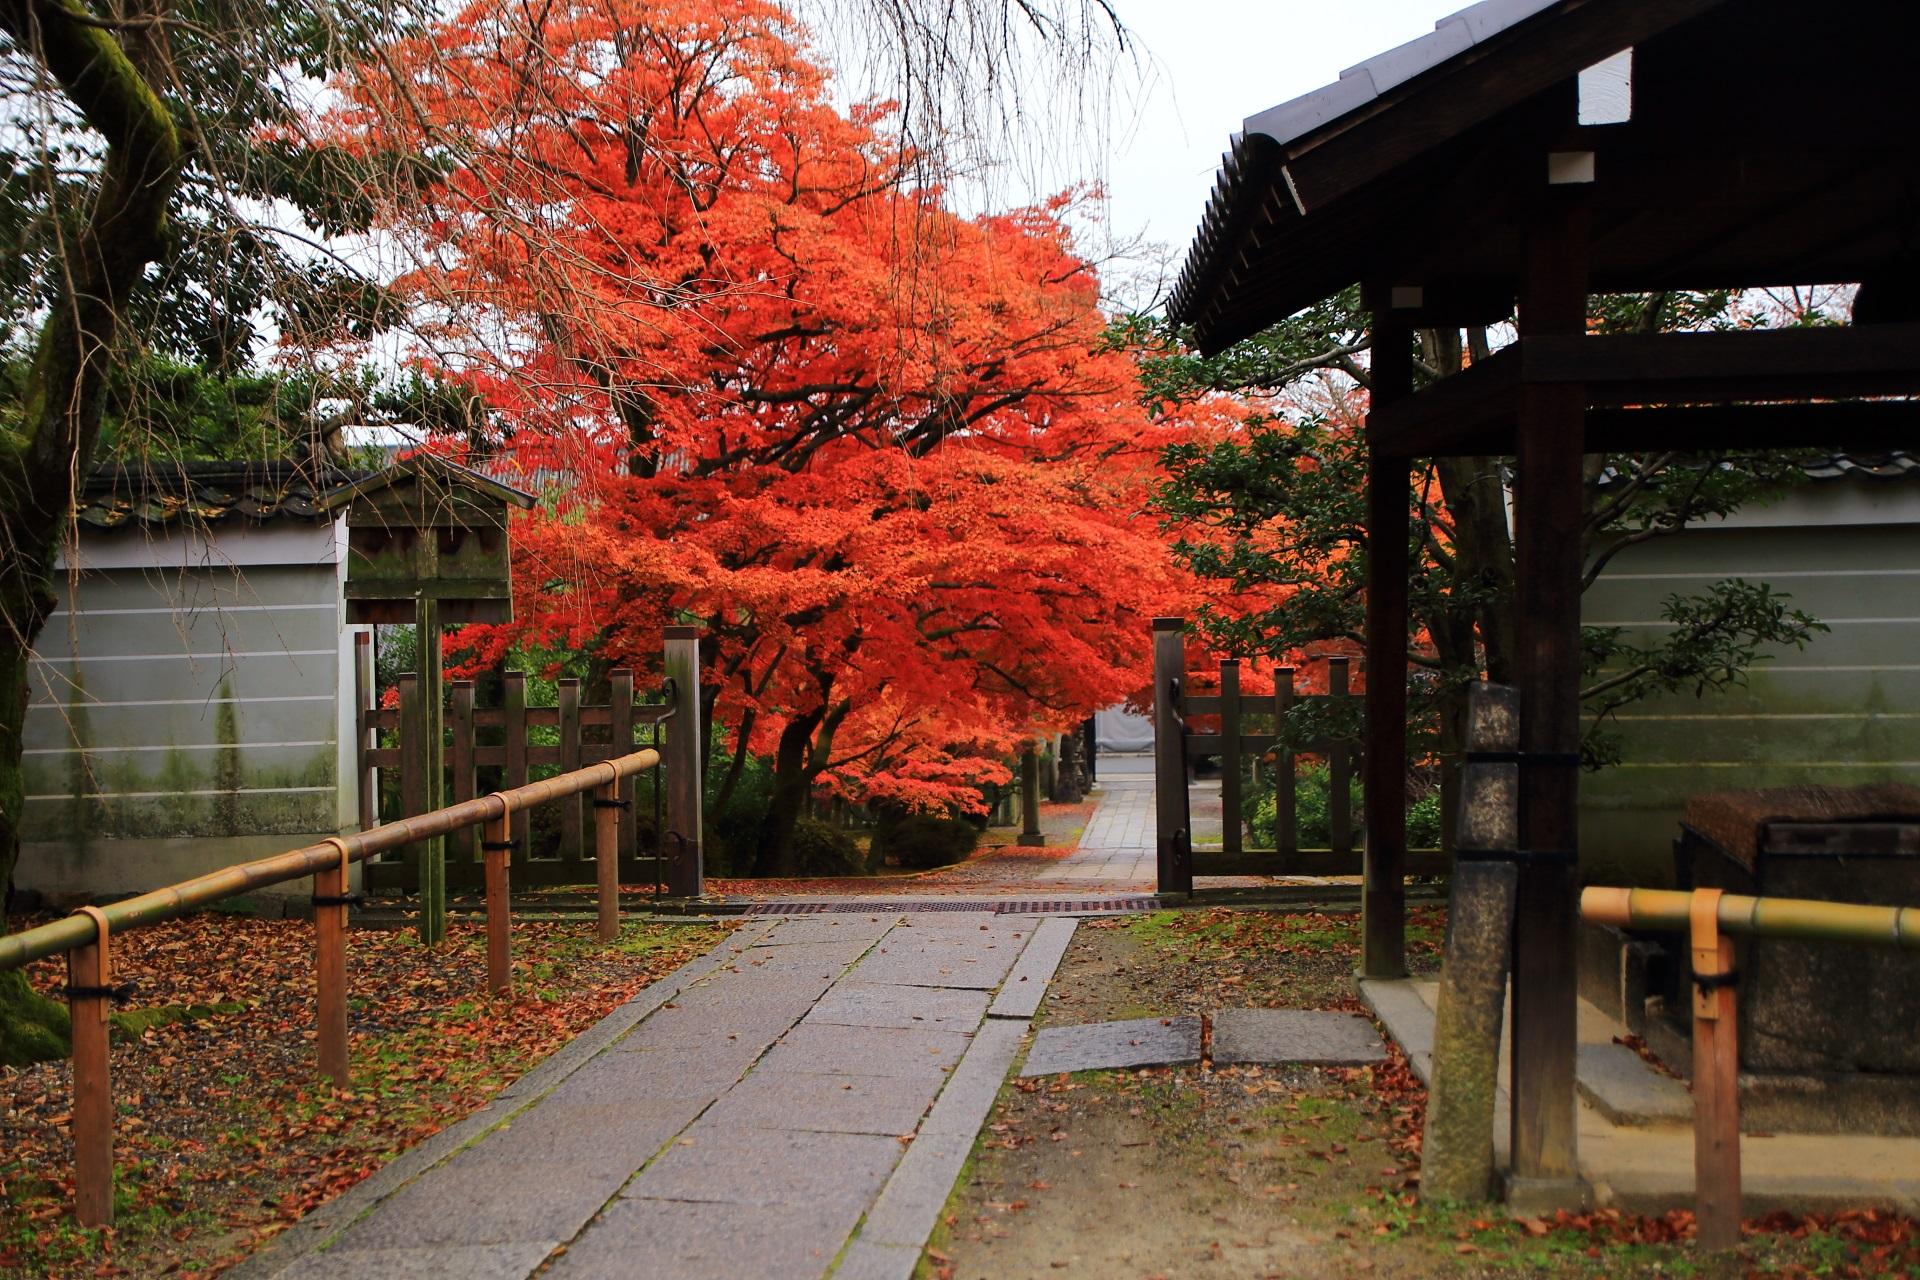 養源院の鐘楼や手水舎付近から眺めた参道の燃え上がるような紅葉